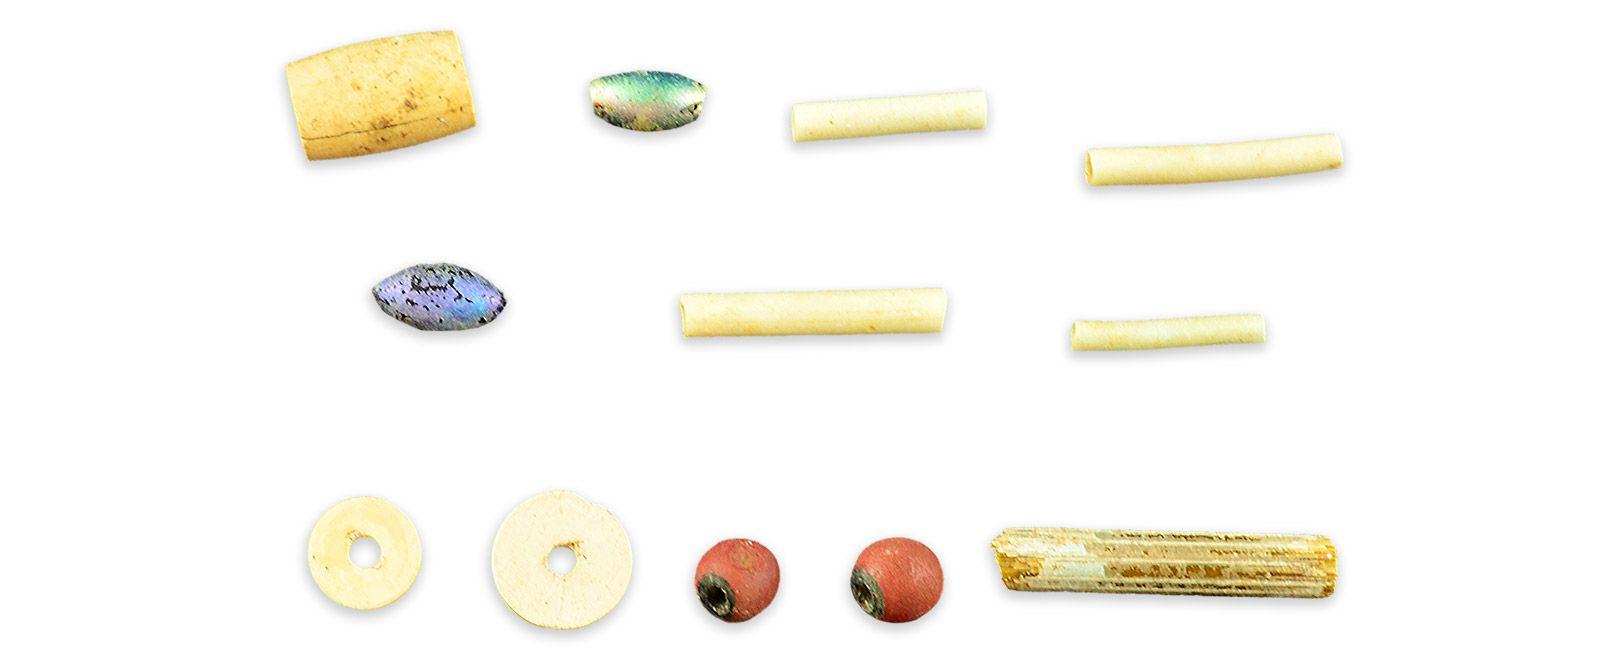 PerlesMCC/LRAQ, photo: Aurélie DesgensSite patrimonial de l'Habitation-Samuel-De Champlain. Vers 1688-1800Perles de verre avec motifs variés. Ce sont tantôt des marchandises de traite, tantôt des présents offerts aux autochtones. Les Européens comprennent rapidement que la générosité est symbole de prestige pour les Amérindiens. Ne disposant d'aucune entente écrite, les dons contribuent à cimenter les relations et les échanges.